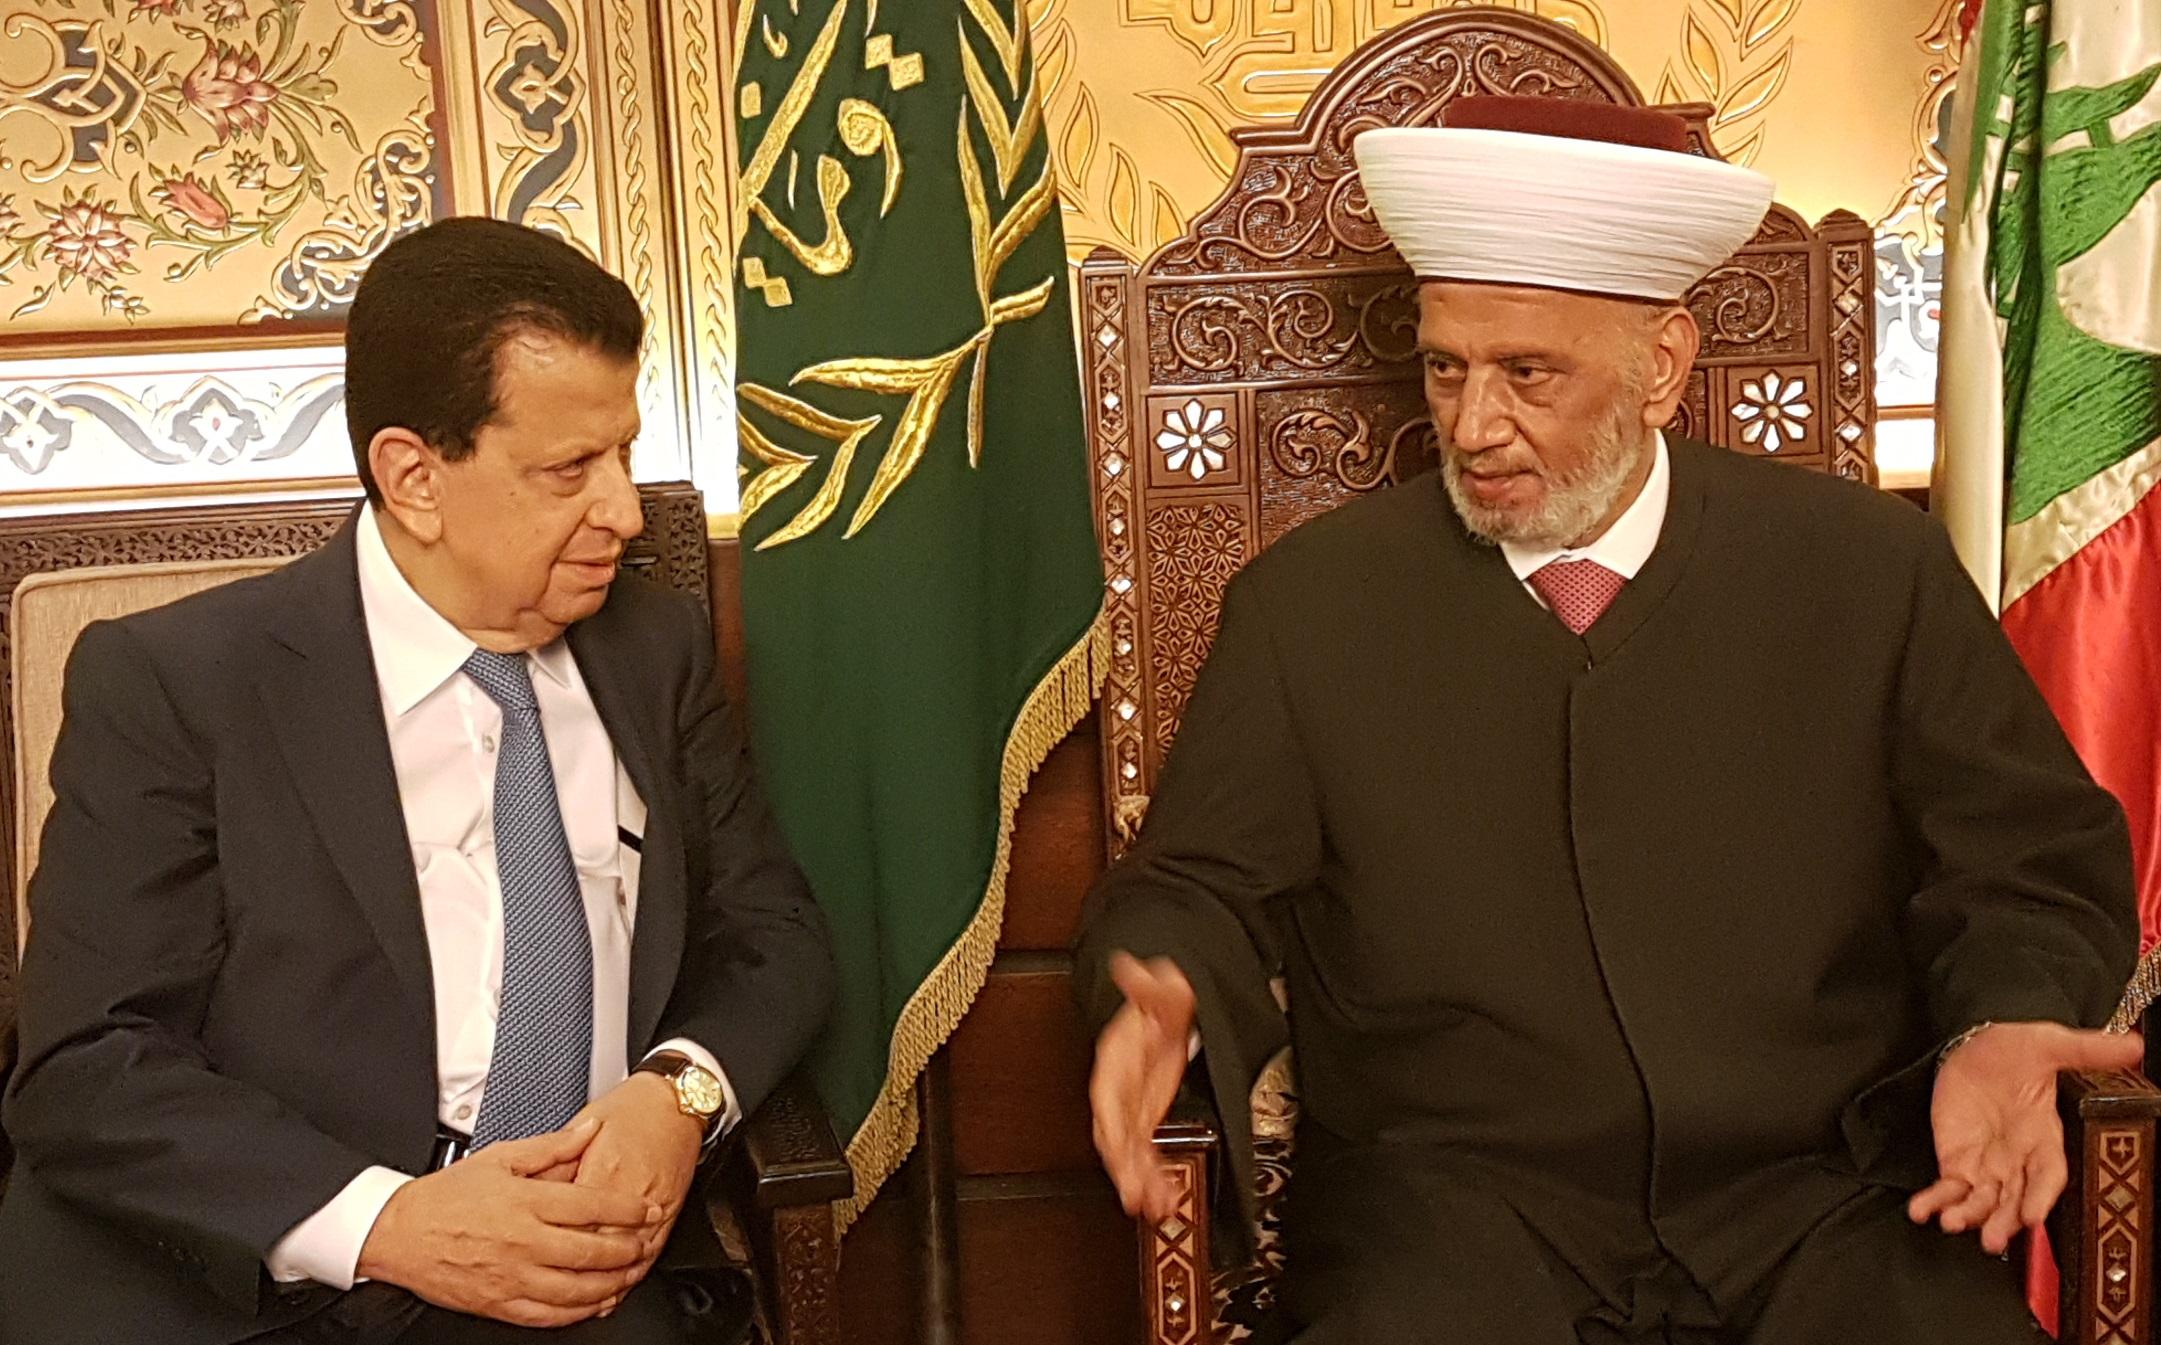 المفتي دريان مع النائب السابق محمد الامين عيتاني 11-10-2018